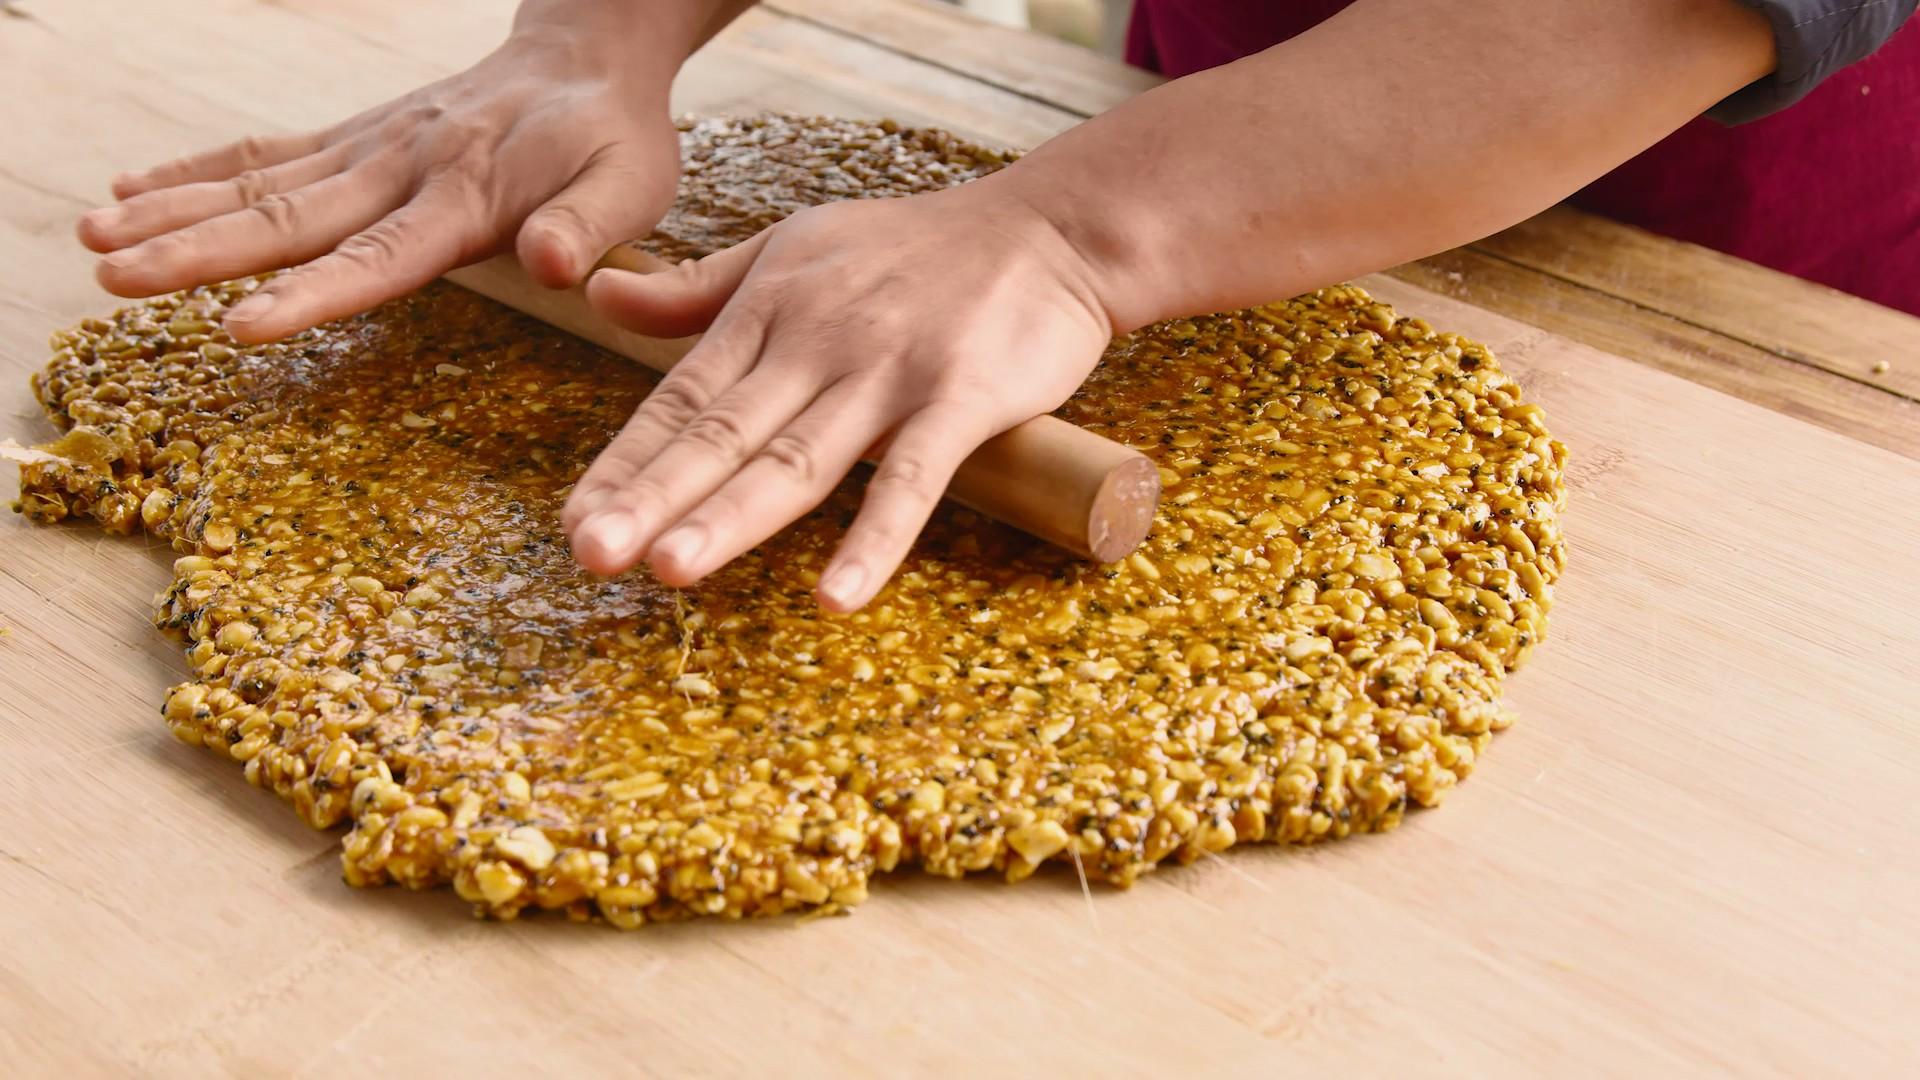 自制小零食【花生糖】,酥脆香甜,制作简单怎么煮